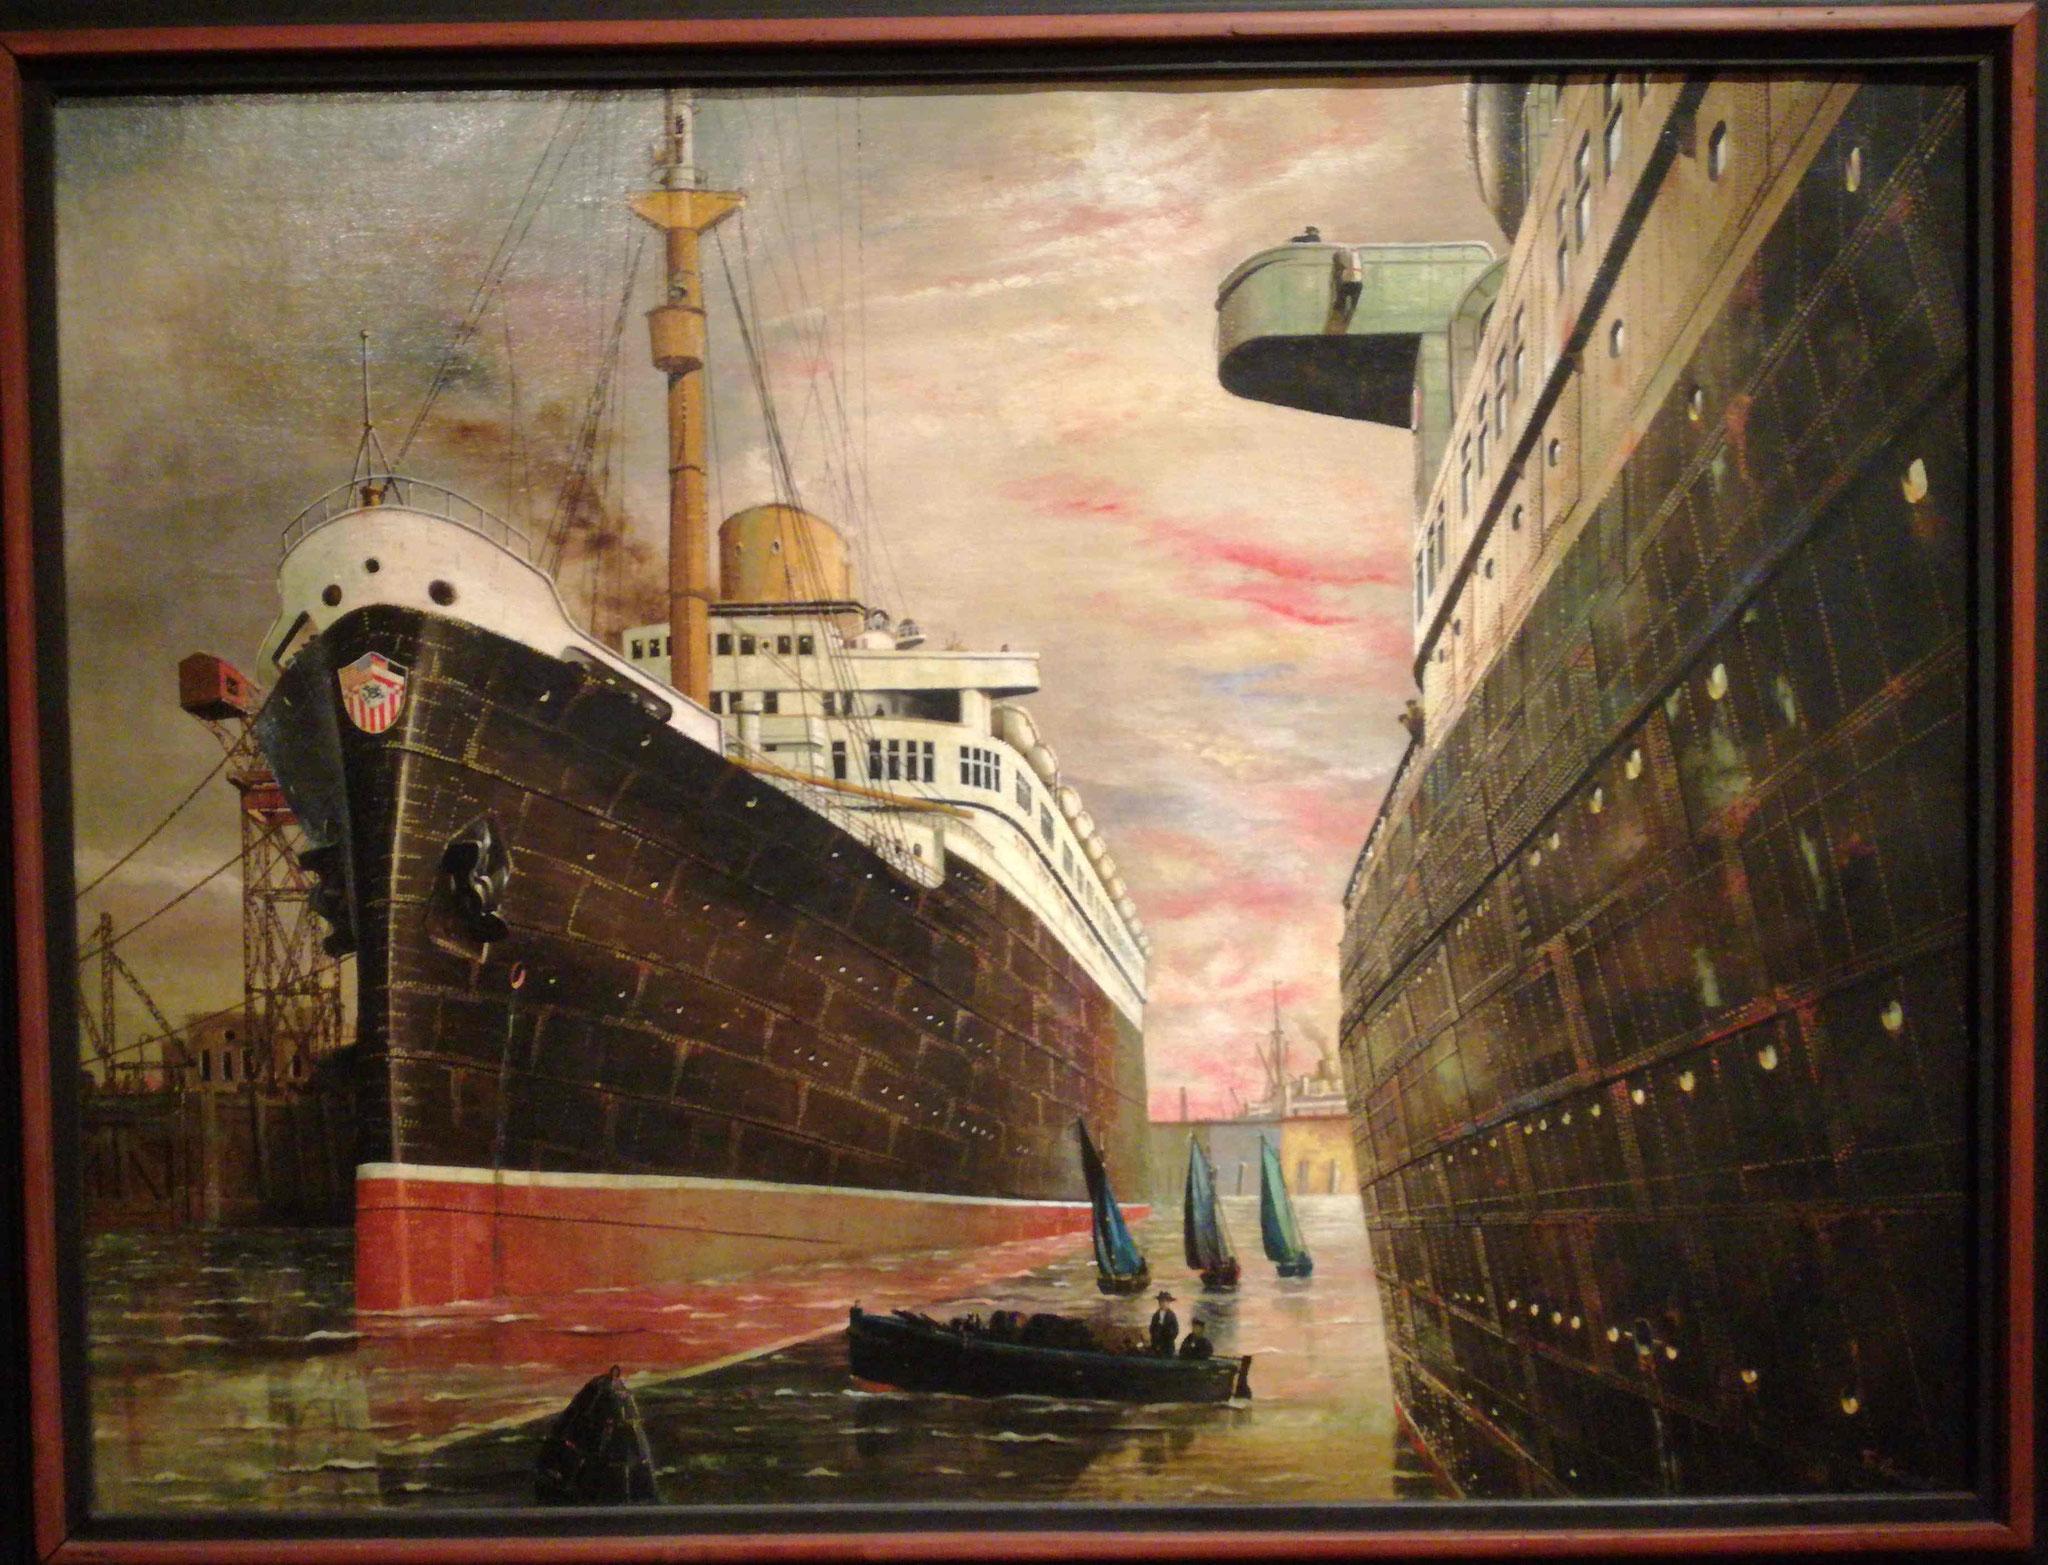 Franz Radziwill, Der Hafen II, 1930, Neue Nationalgalerie Berlin